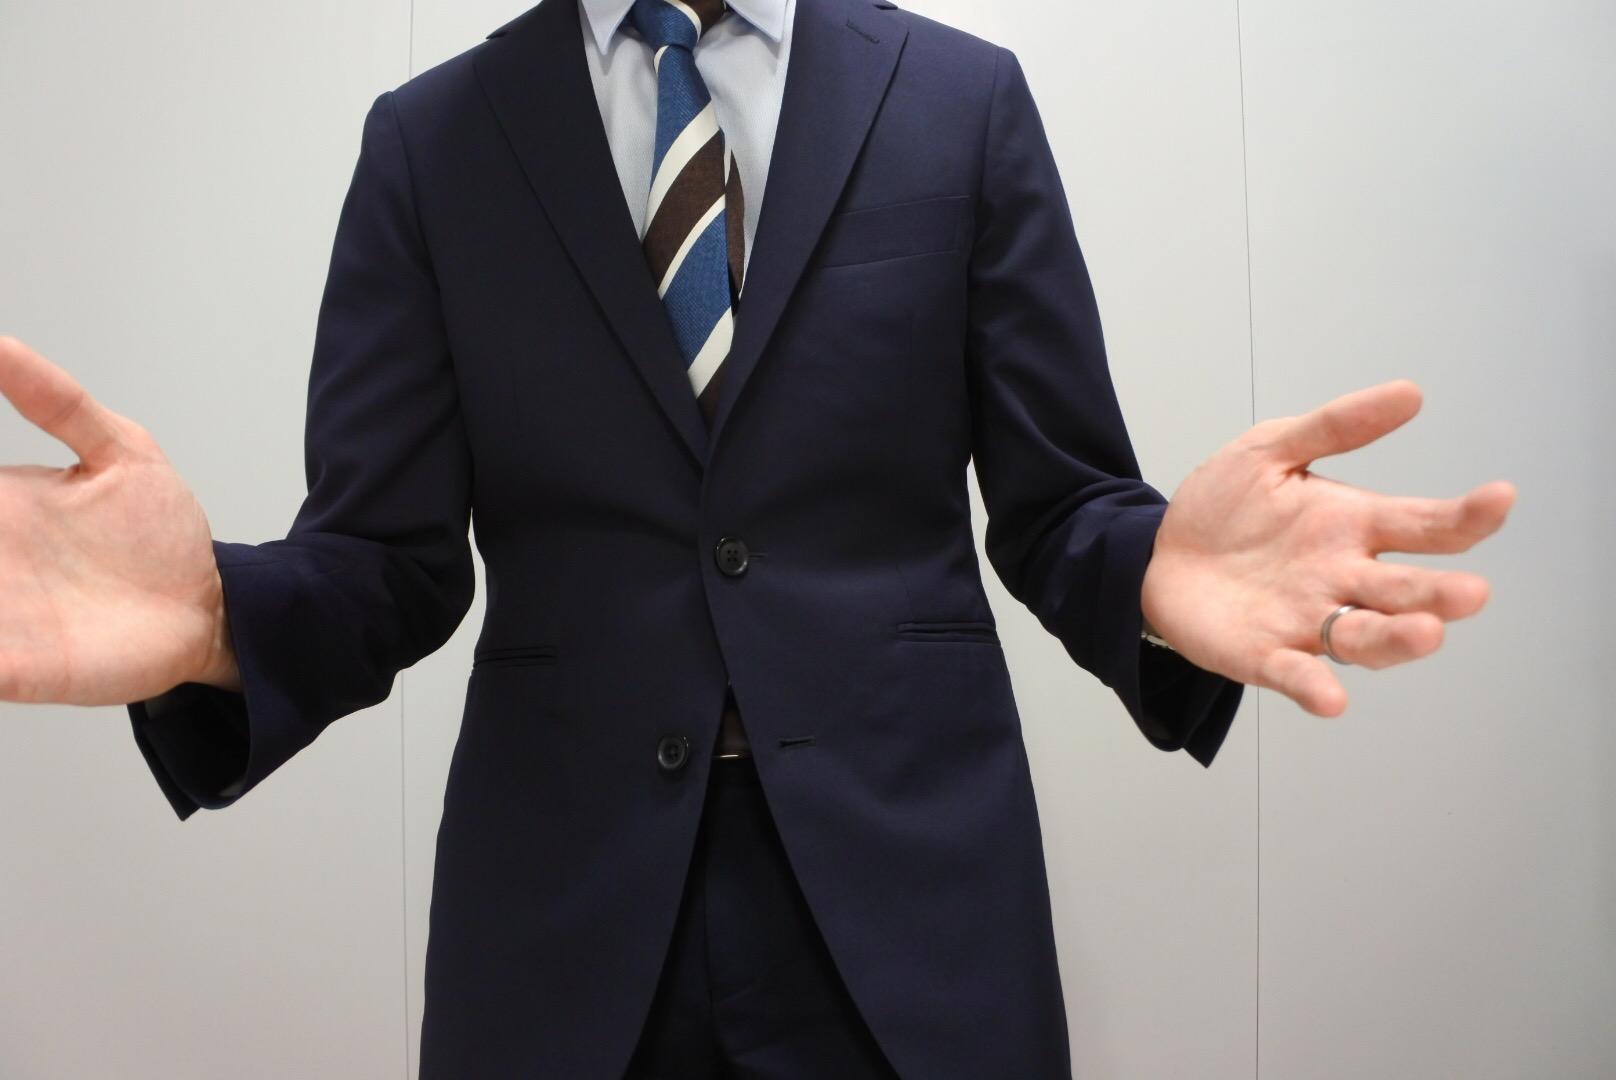 手の向きで、自分がどのような心の姿勢で話しているか、聴衆に伝わります。